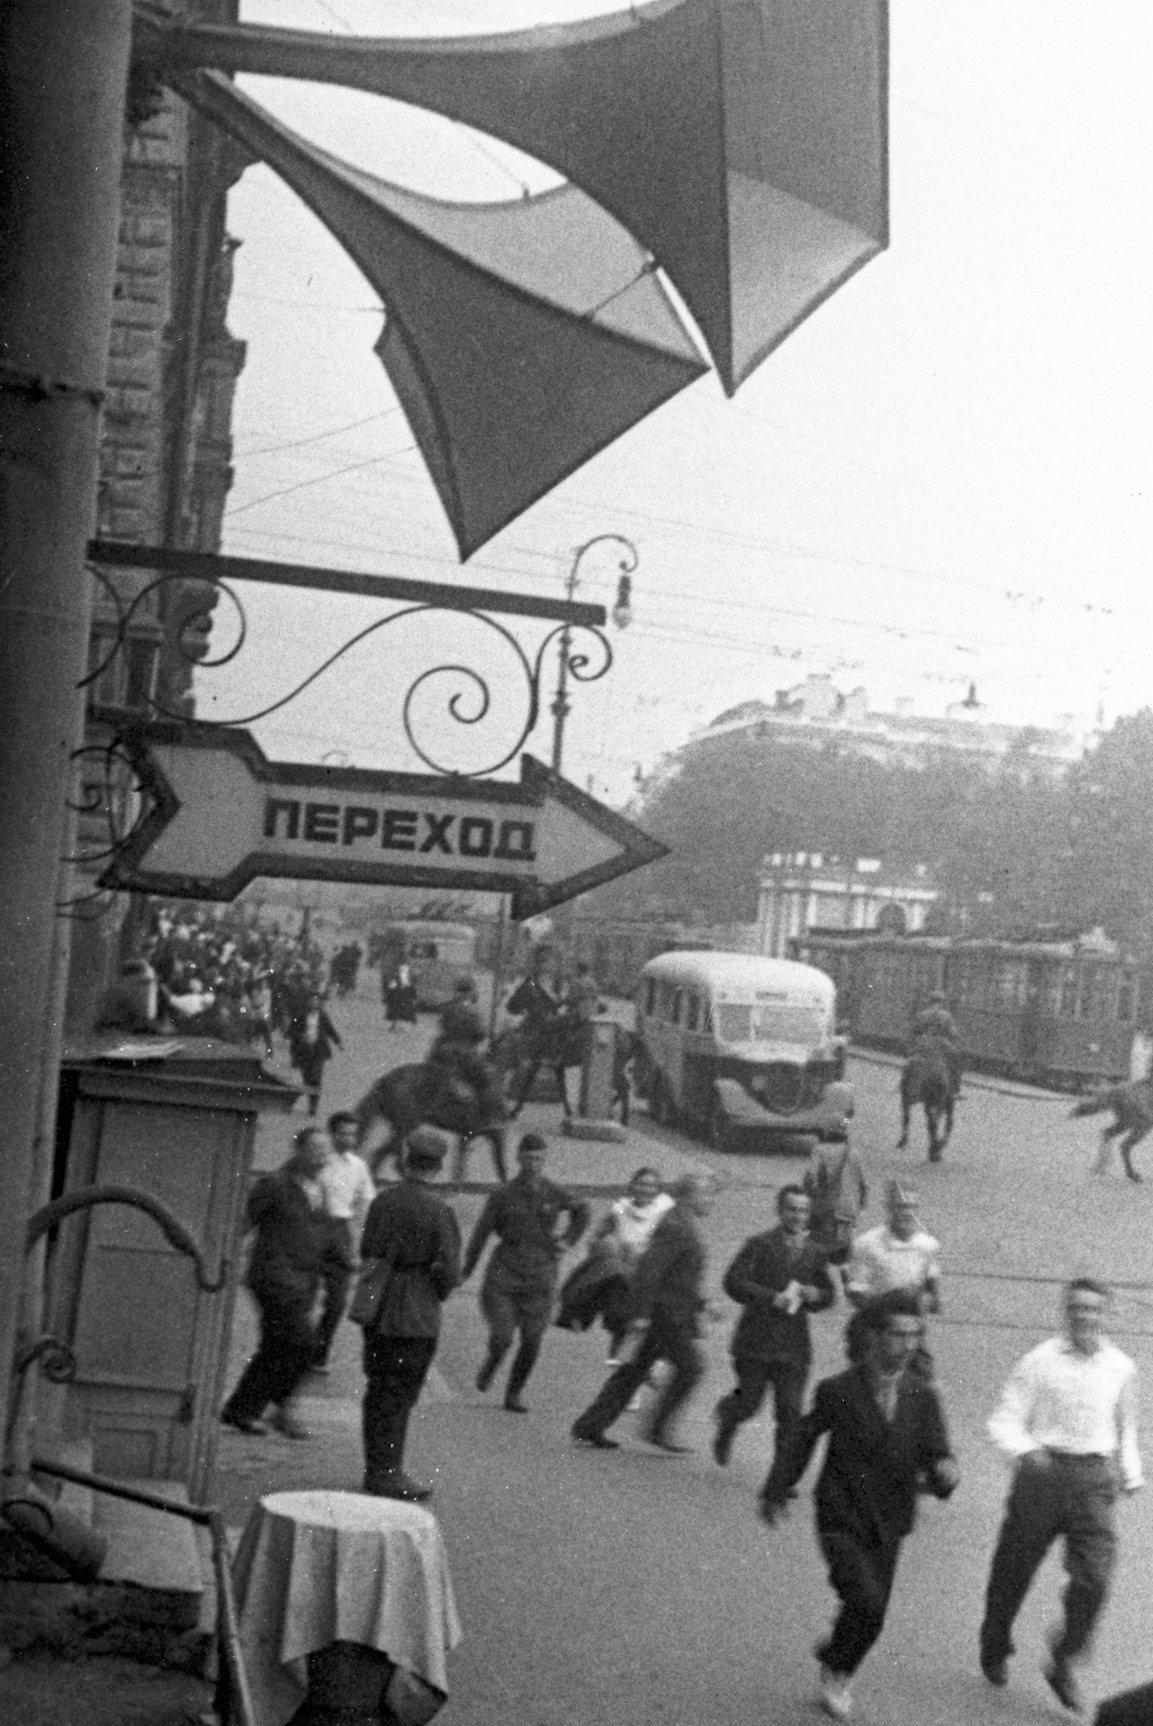 En las calles de Leningrado se instalaron 1.500 altavoces para avisar a los ciudadanos de los ataques enemigos